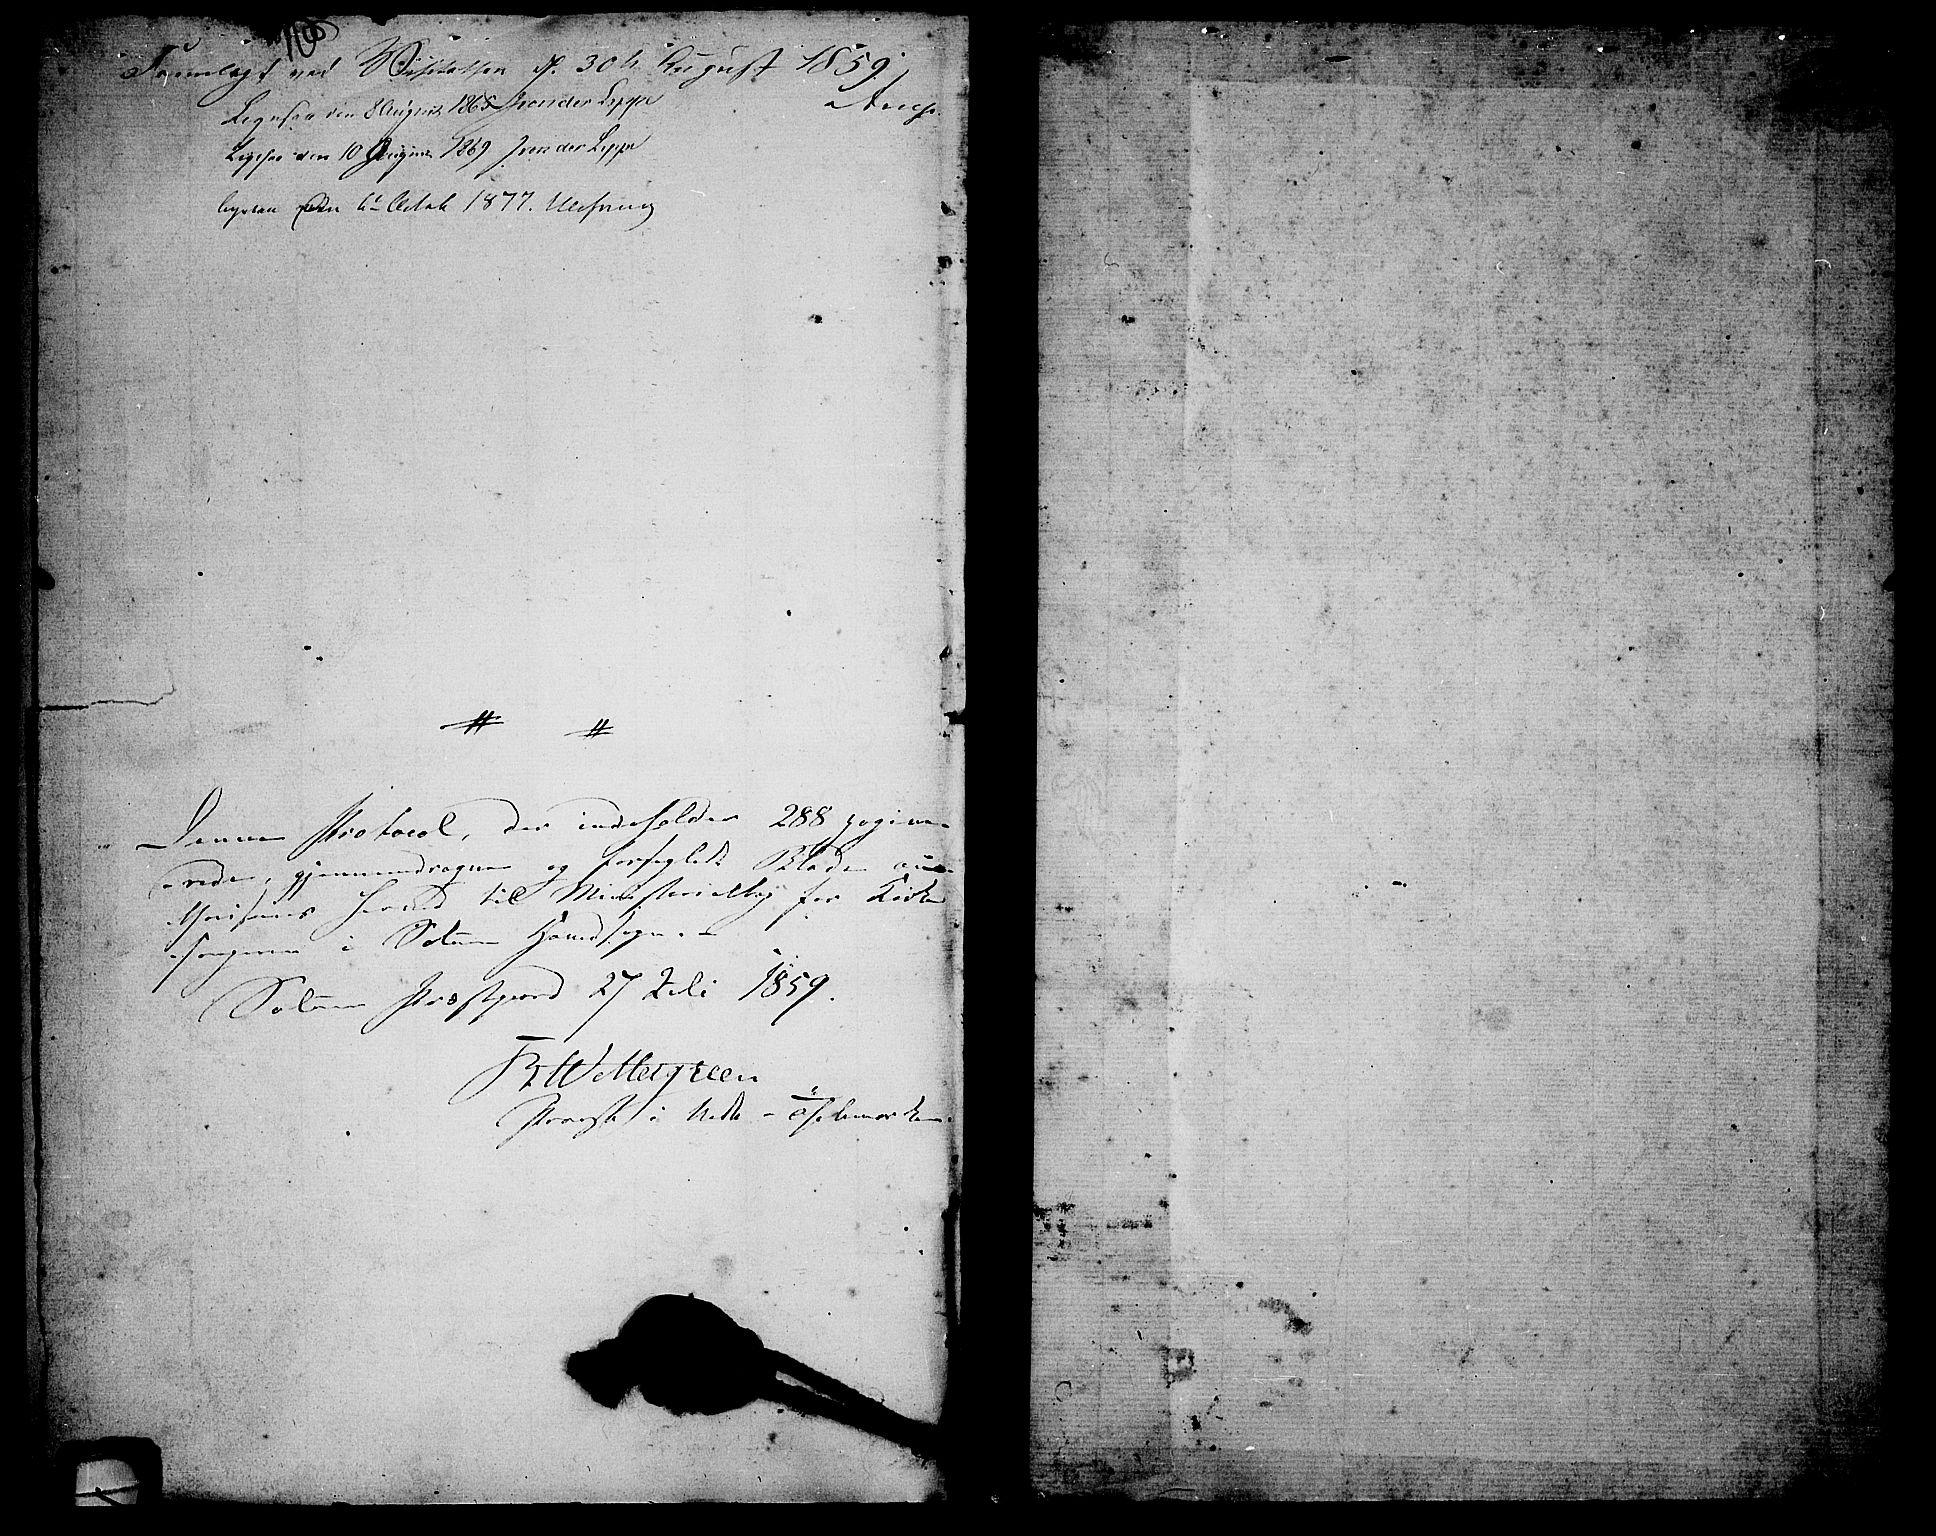 SAKO, Solum kirkebøker, G/Ga/L0004: Klokkerbok nr. I 4, 1859-1876